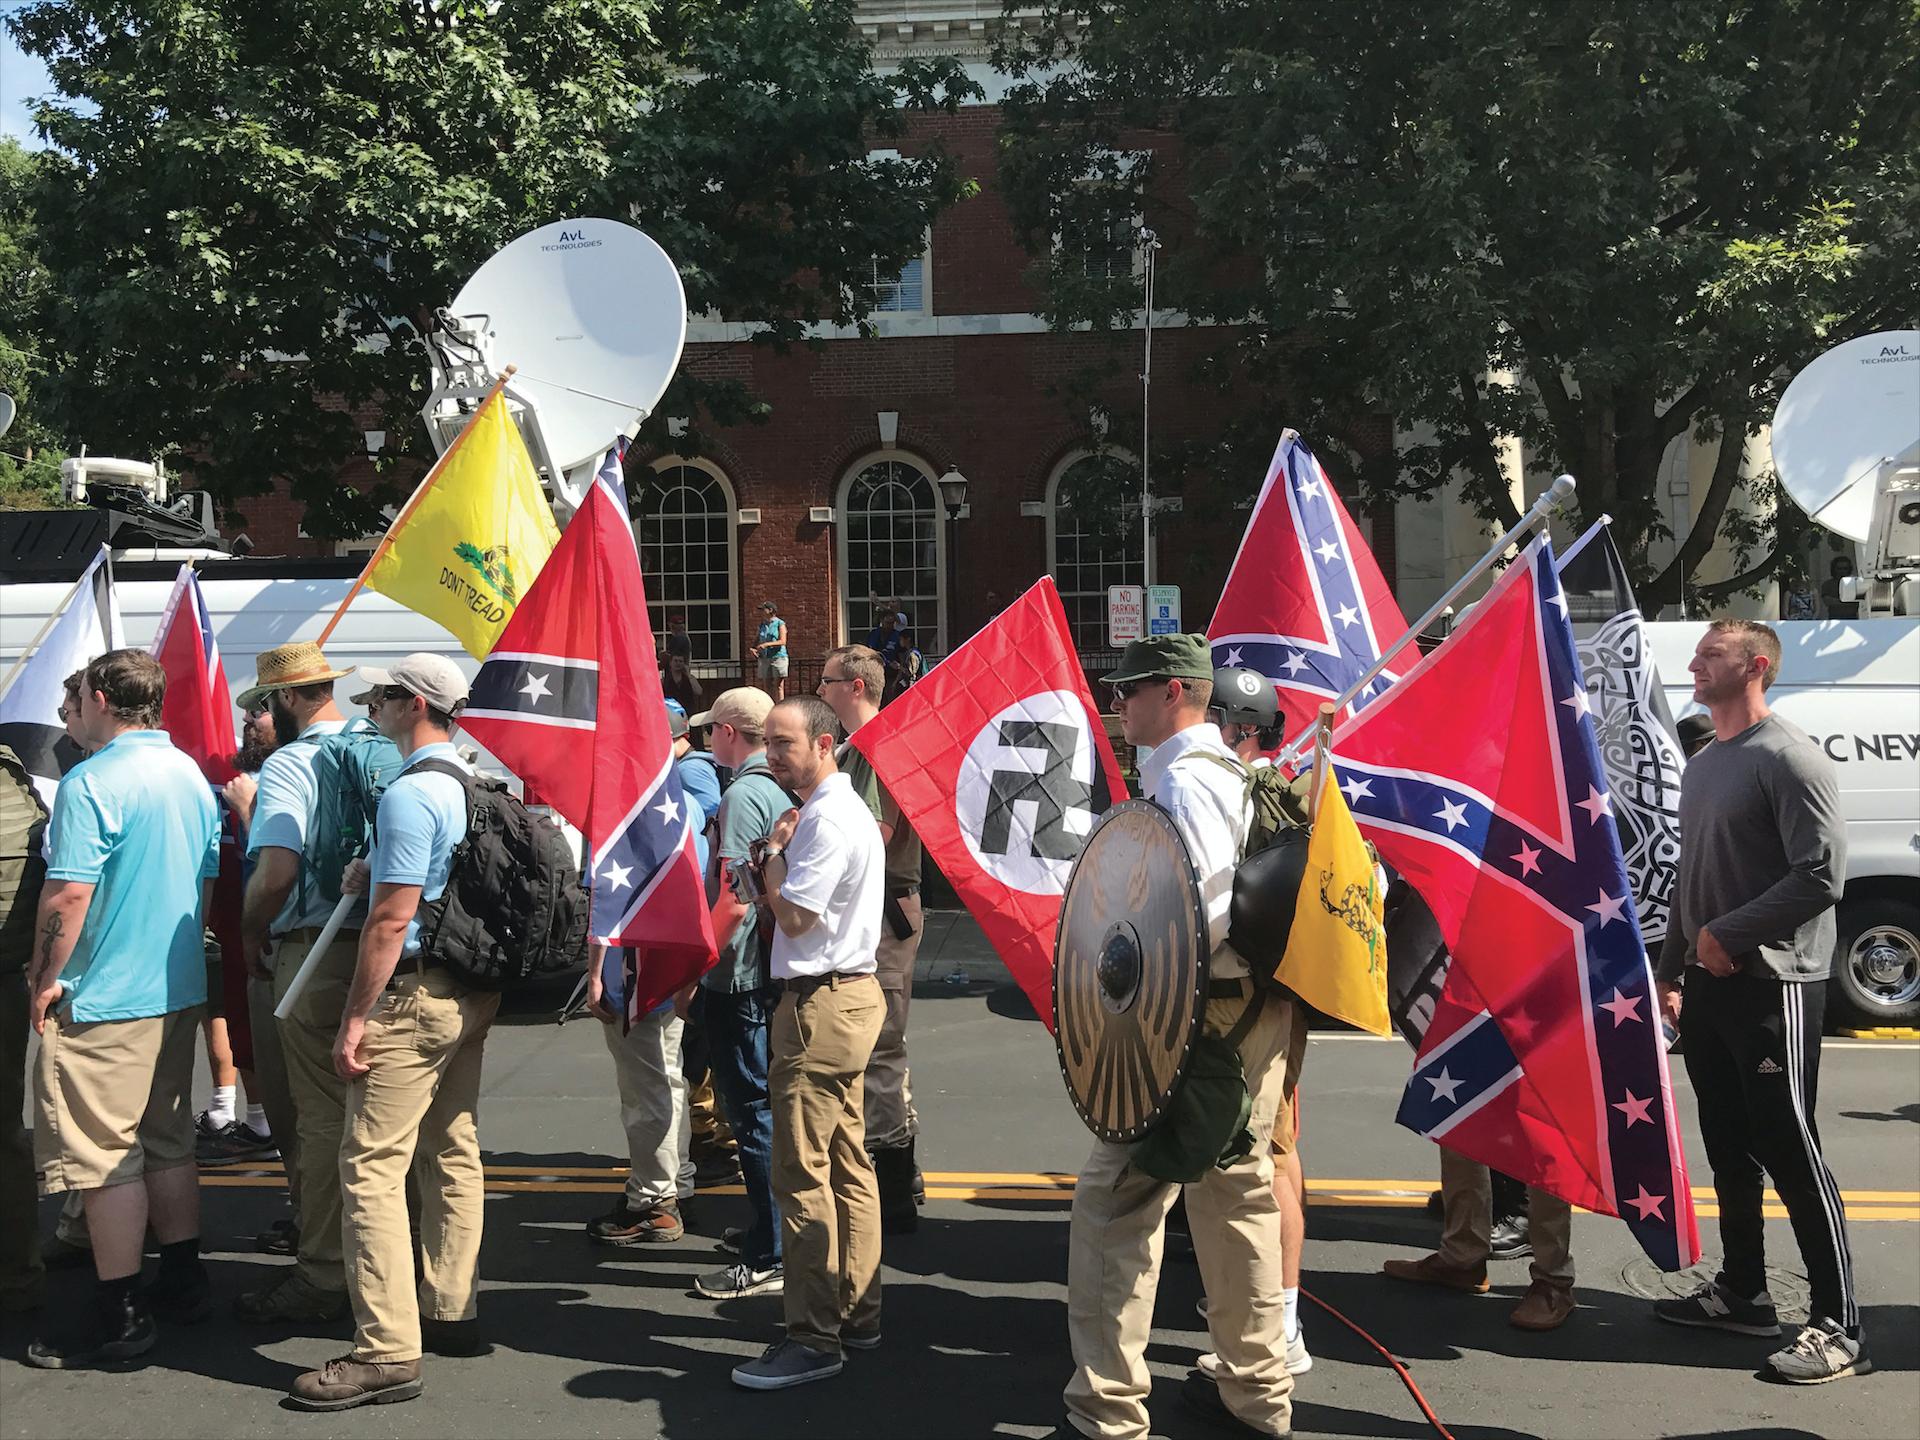 A conversation on Charlottesville